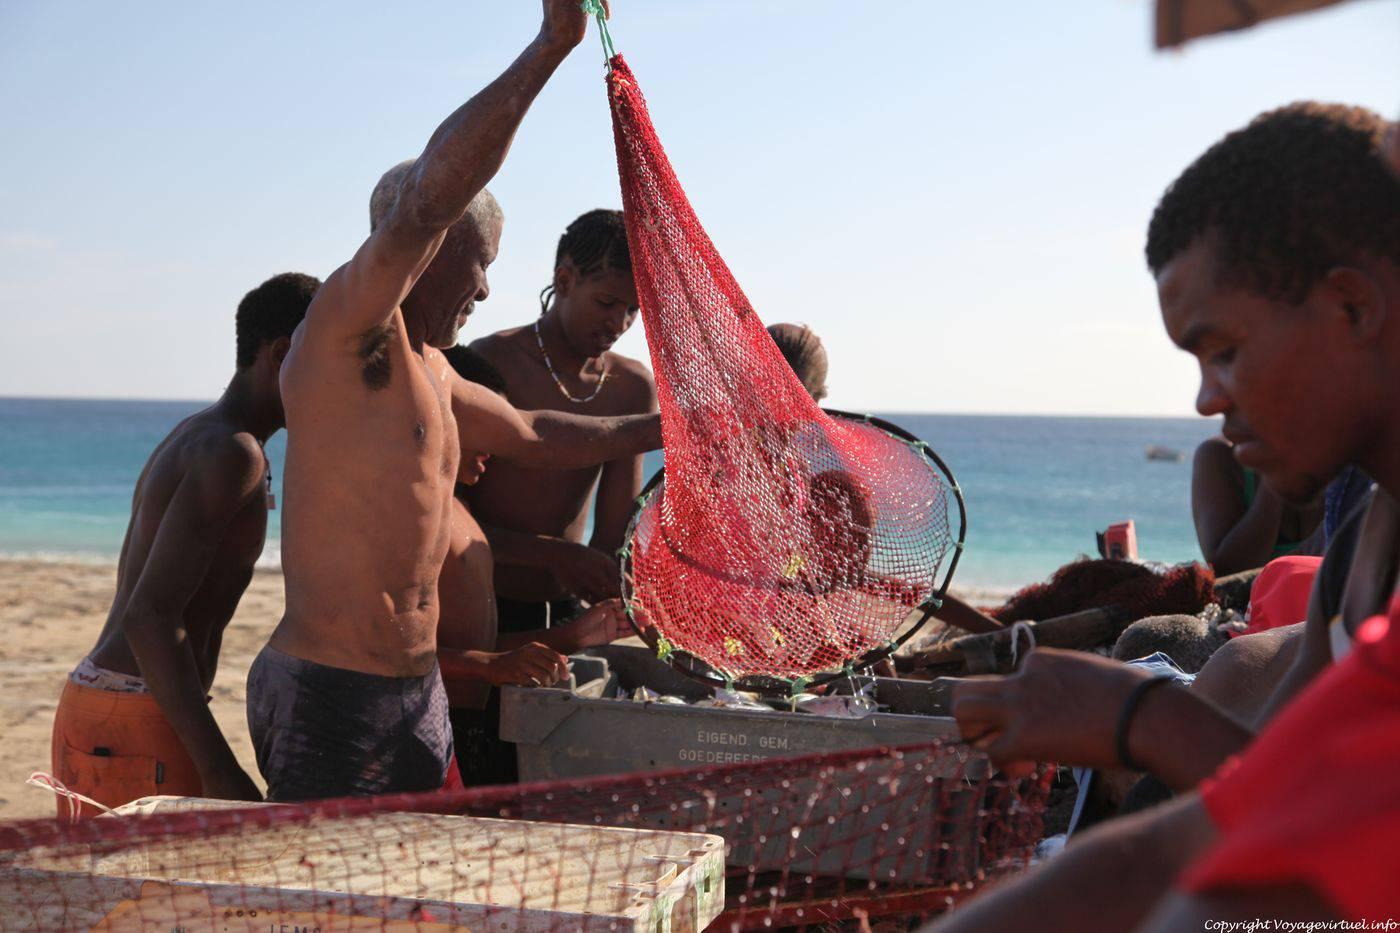 Les places de la pêche sur yamale